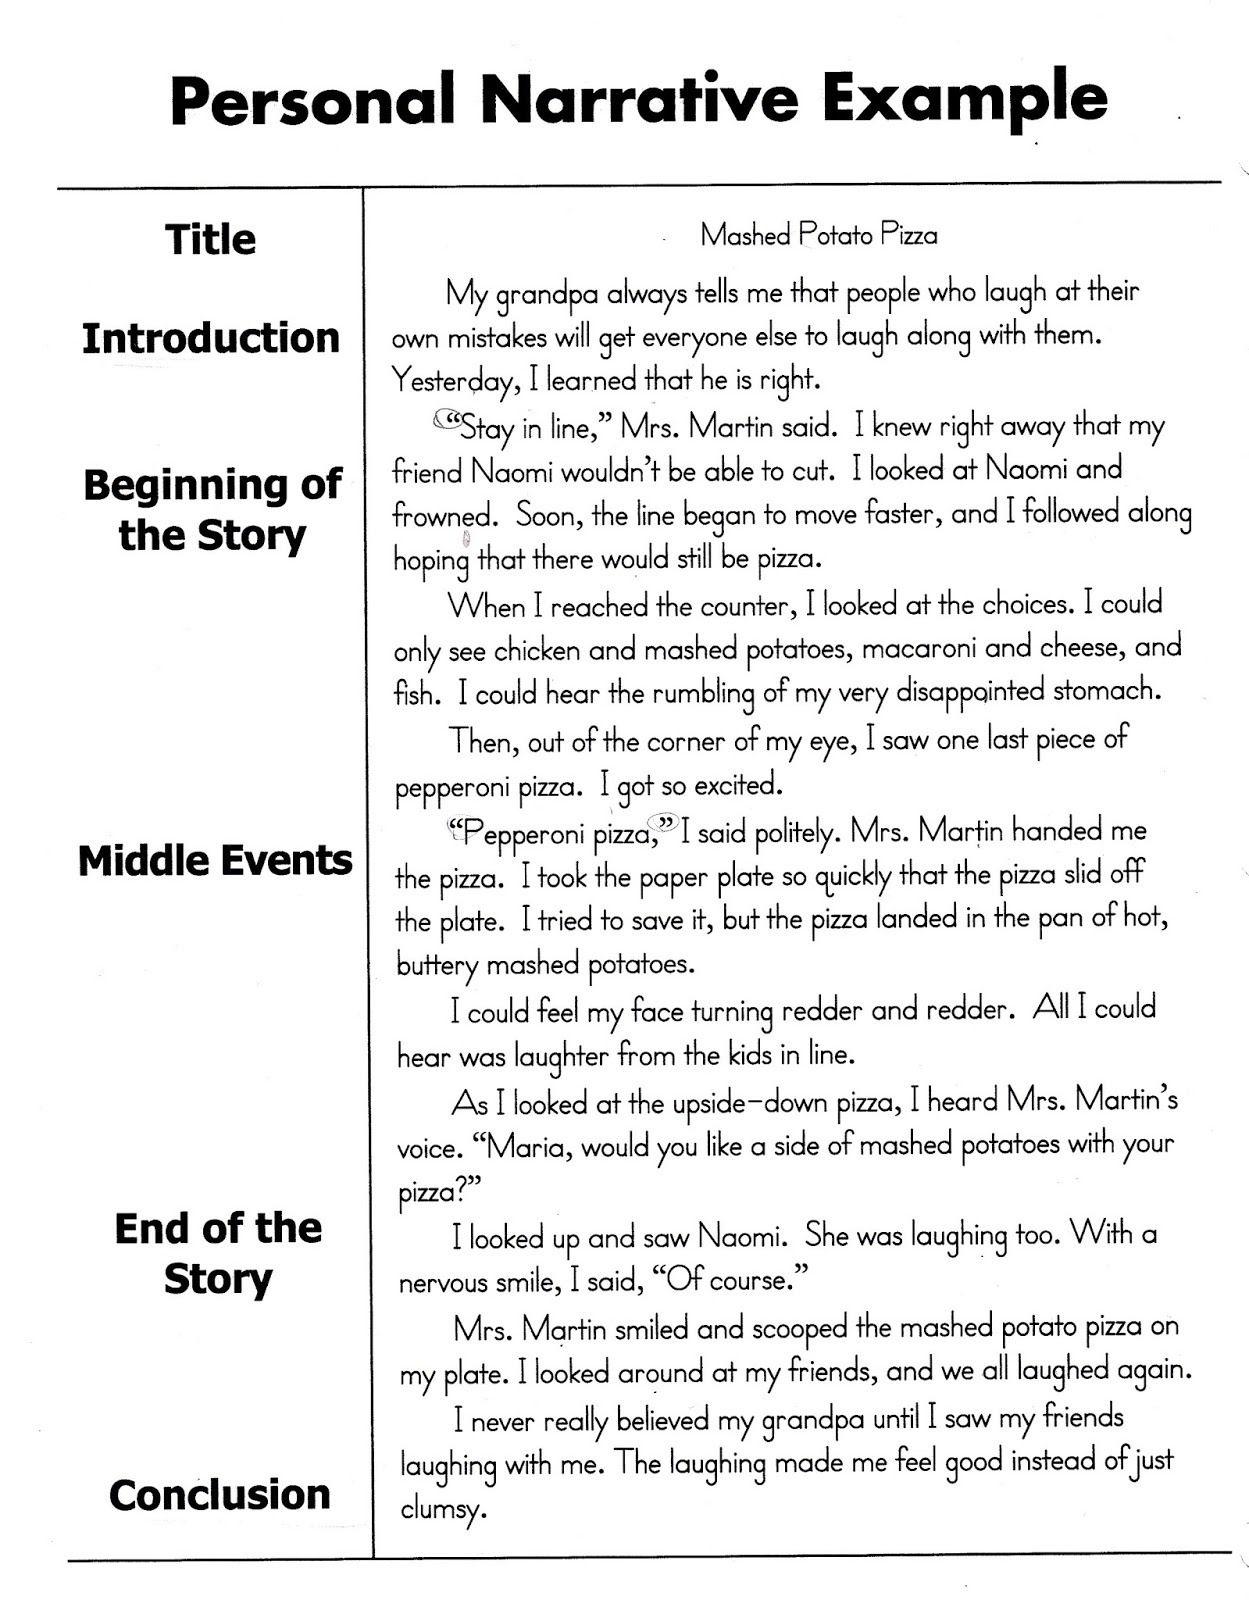 Personal Narrative Examples 3rd Grade